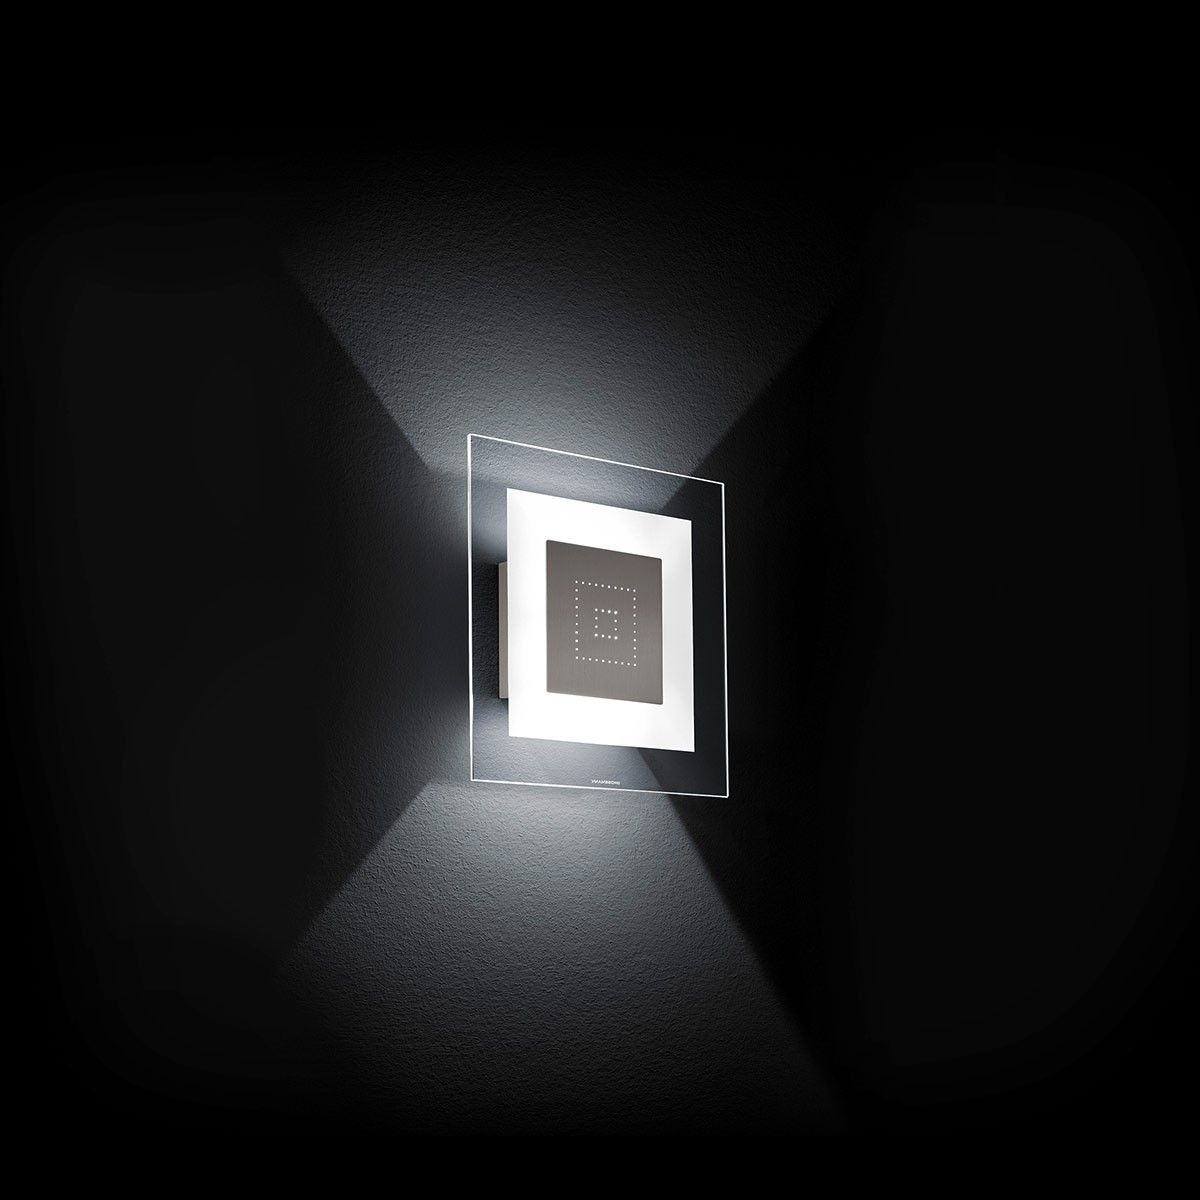 Zoxx Deckenleuchte Modern Chrom Rund Deckenleuchte Rund Stoff 60 Cm Led Einbaustrahler Gu10 Einbautiefe Badezimmer Lampe L Led Wand Led Deckenleuchte Led